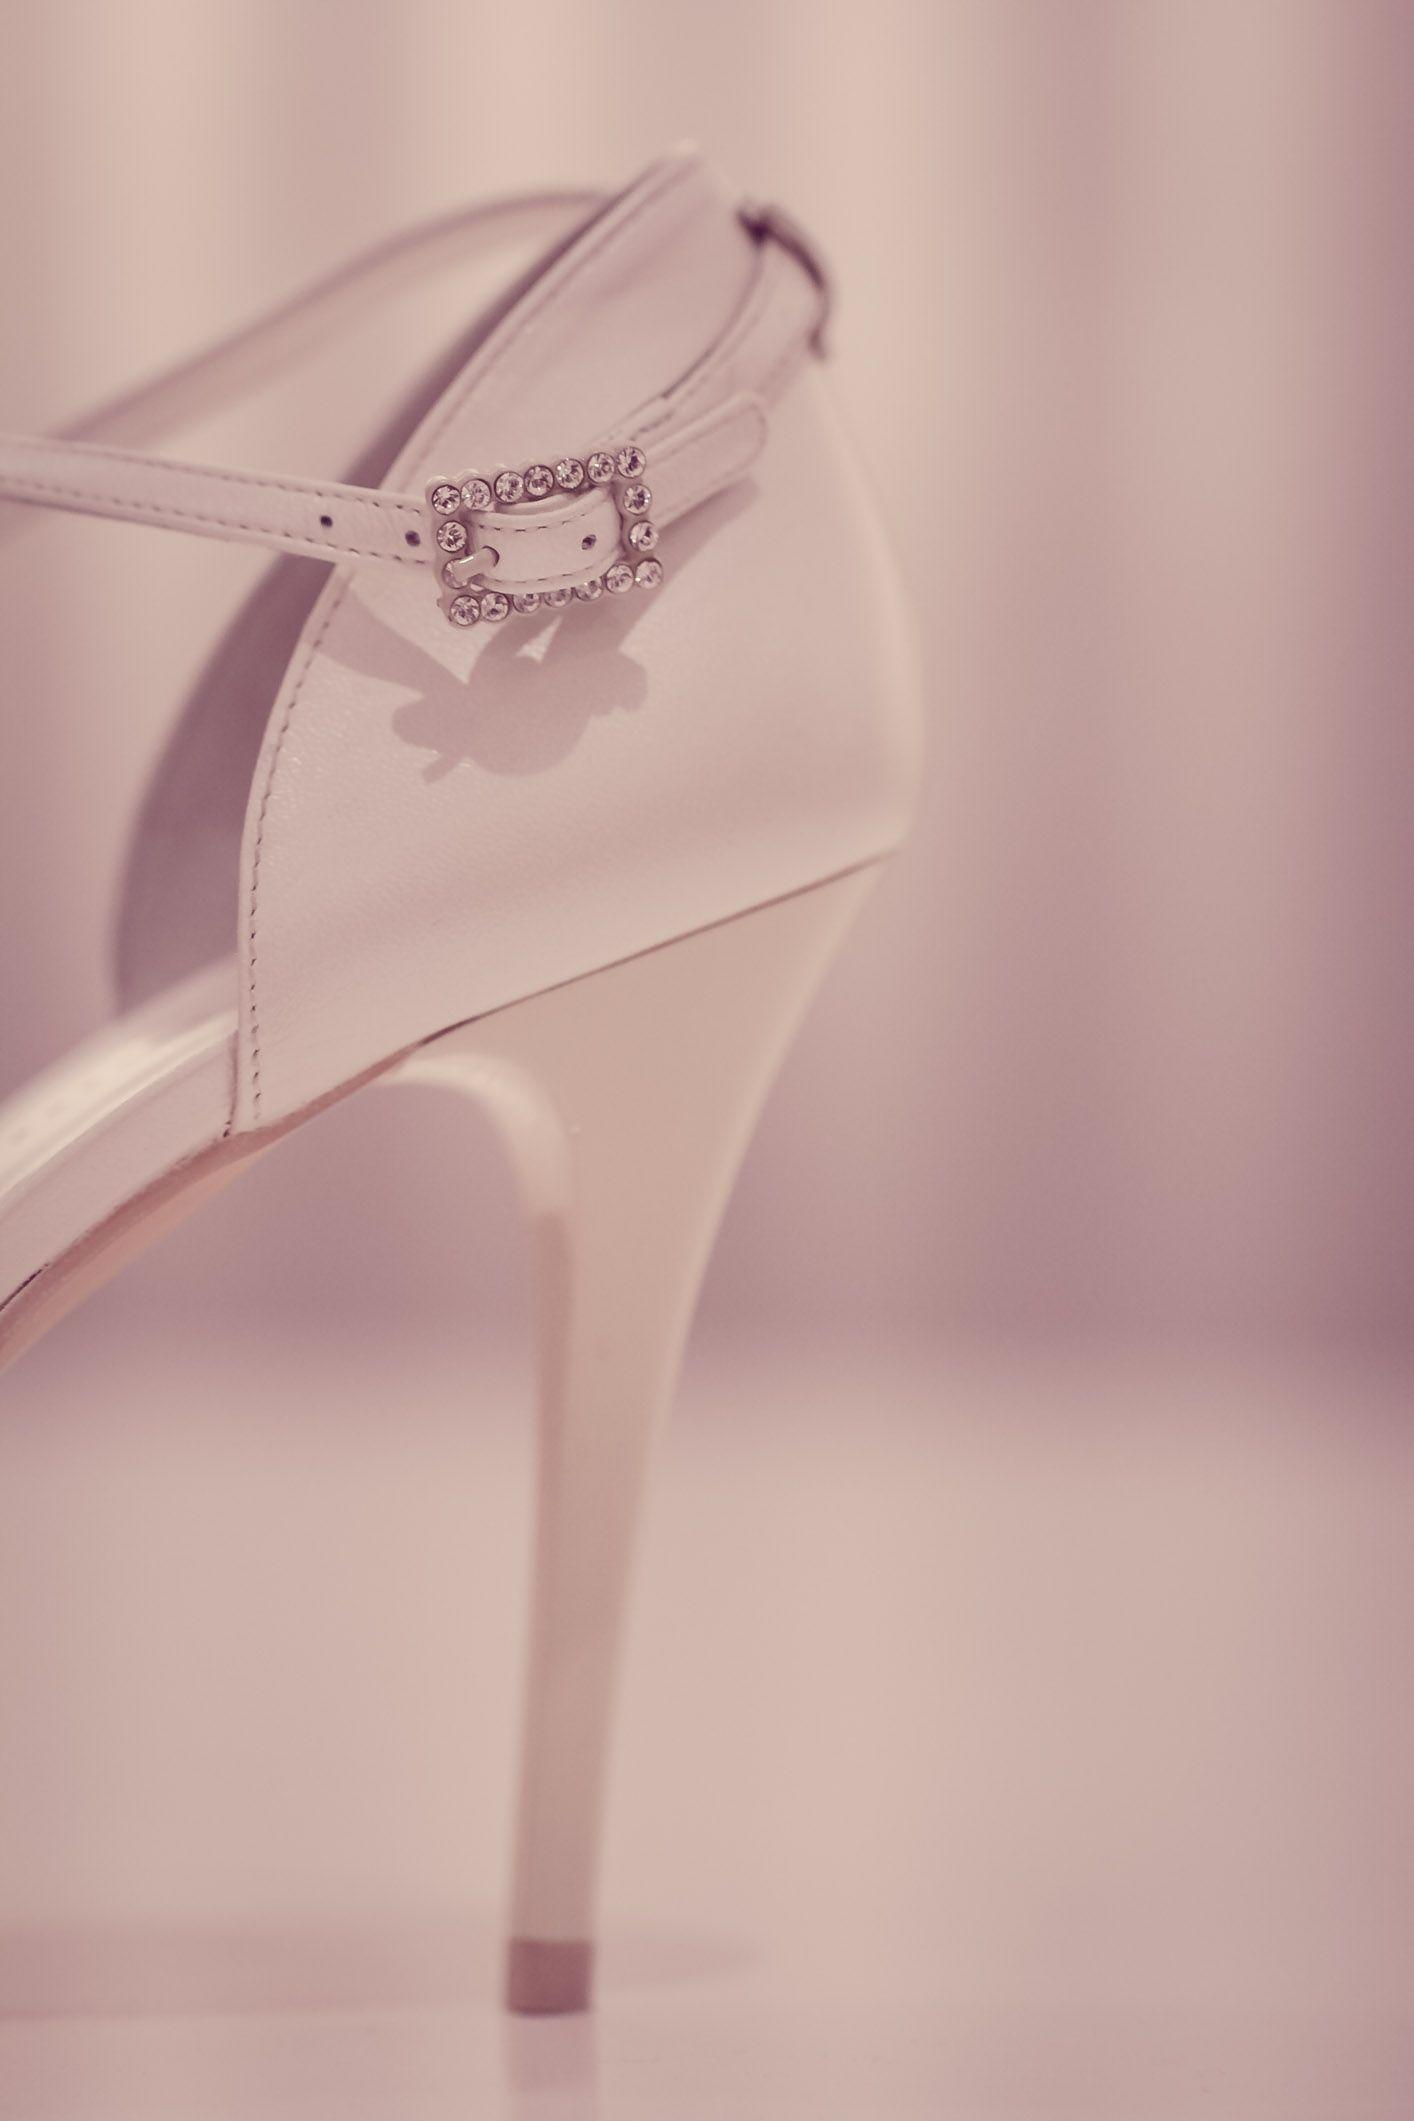 Zapatos de novia / Fotografos de boda Alicante  Sergio Gallegos Fotografos / www.sergiogallegos.com